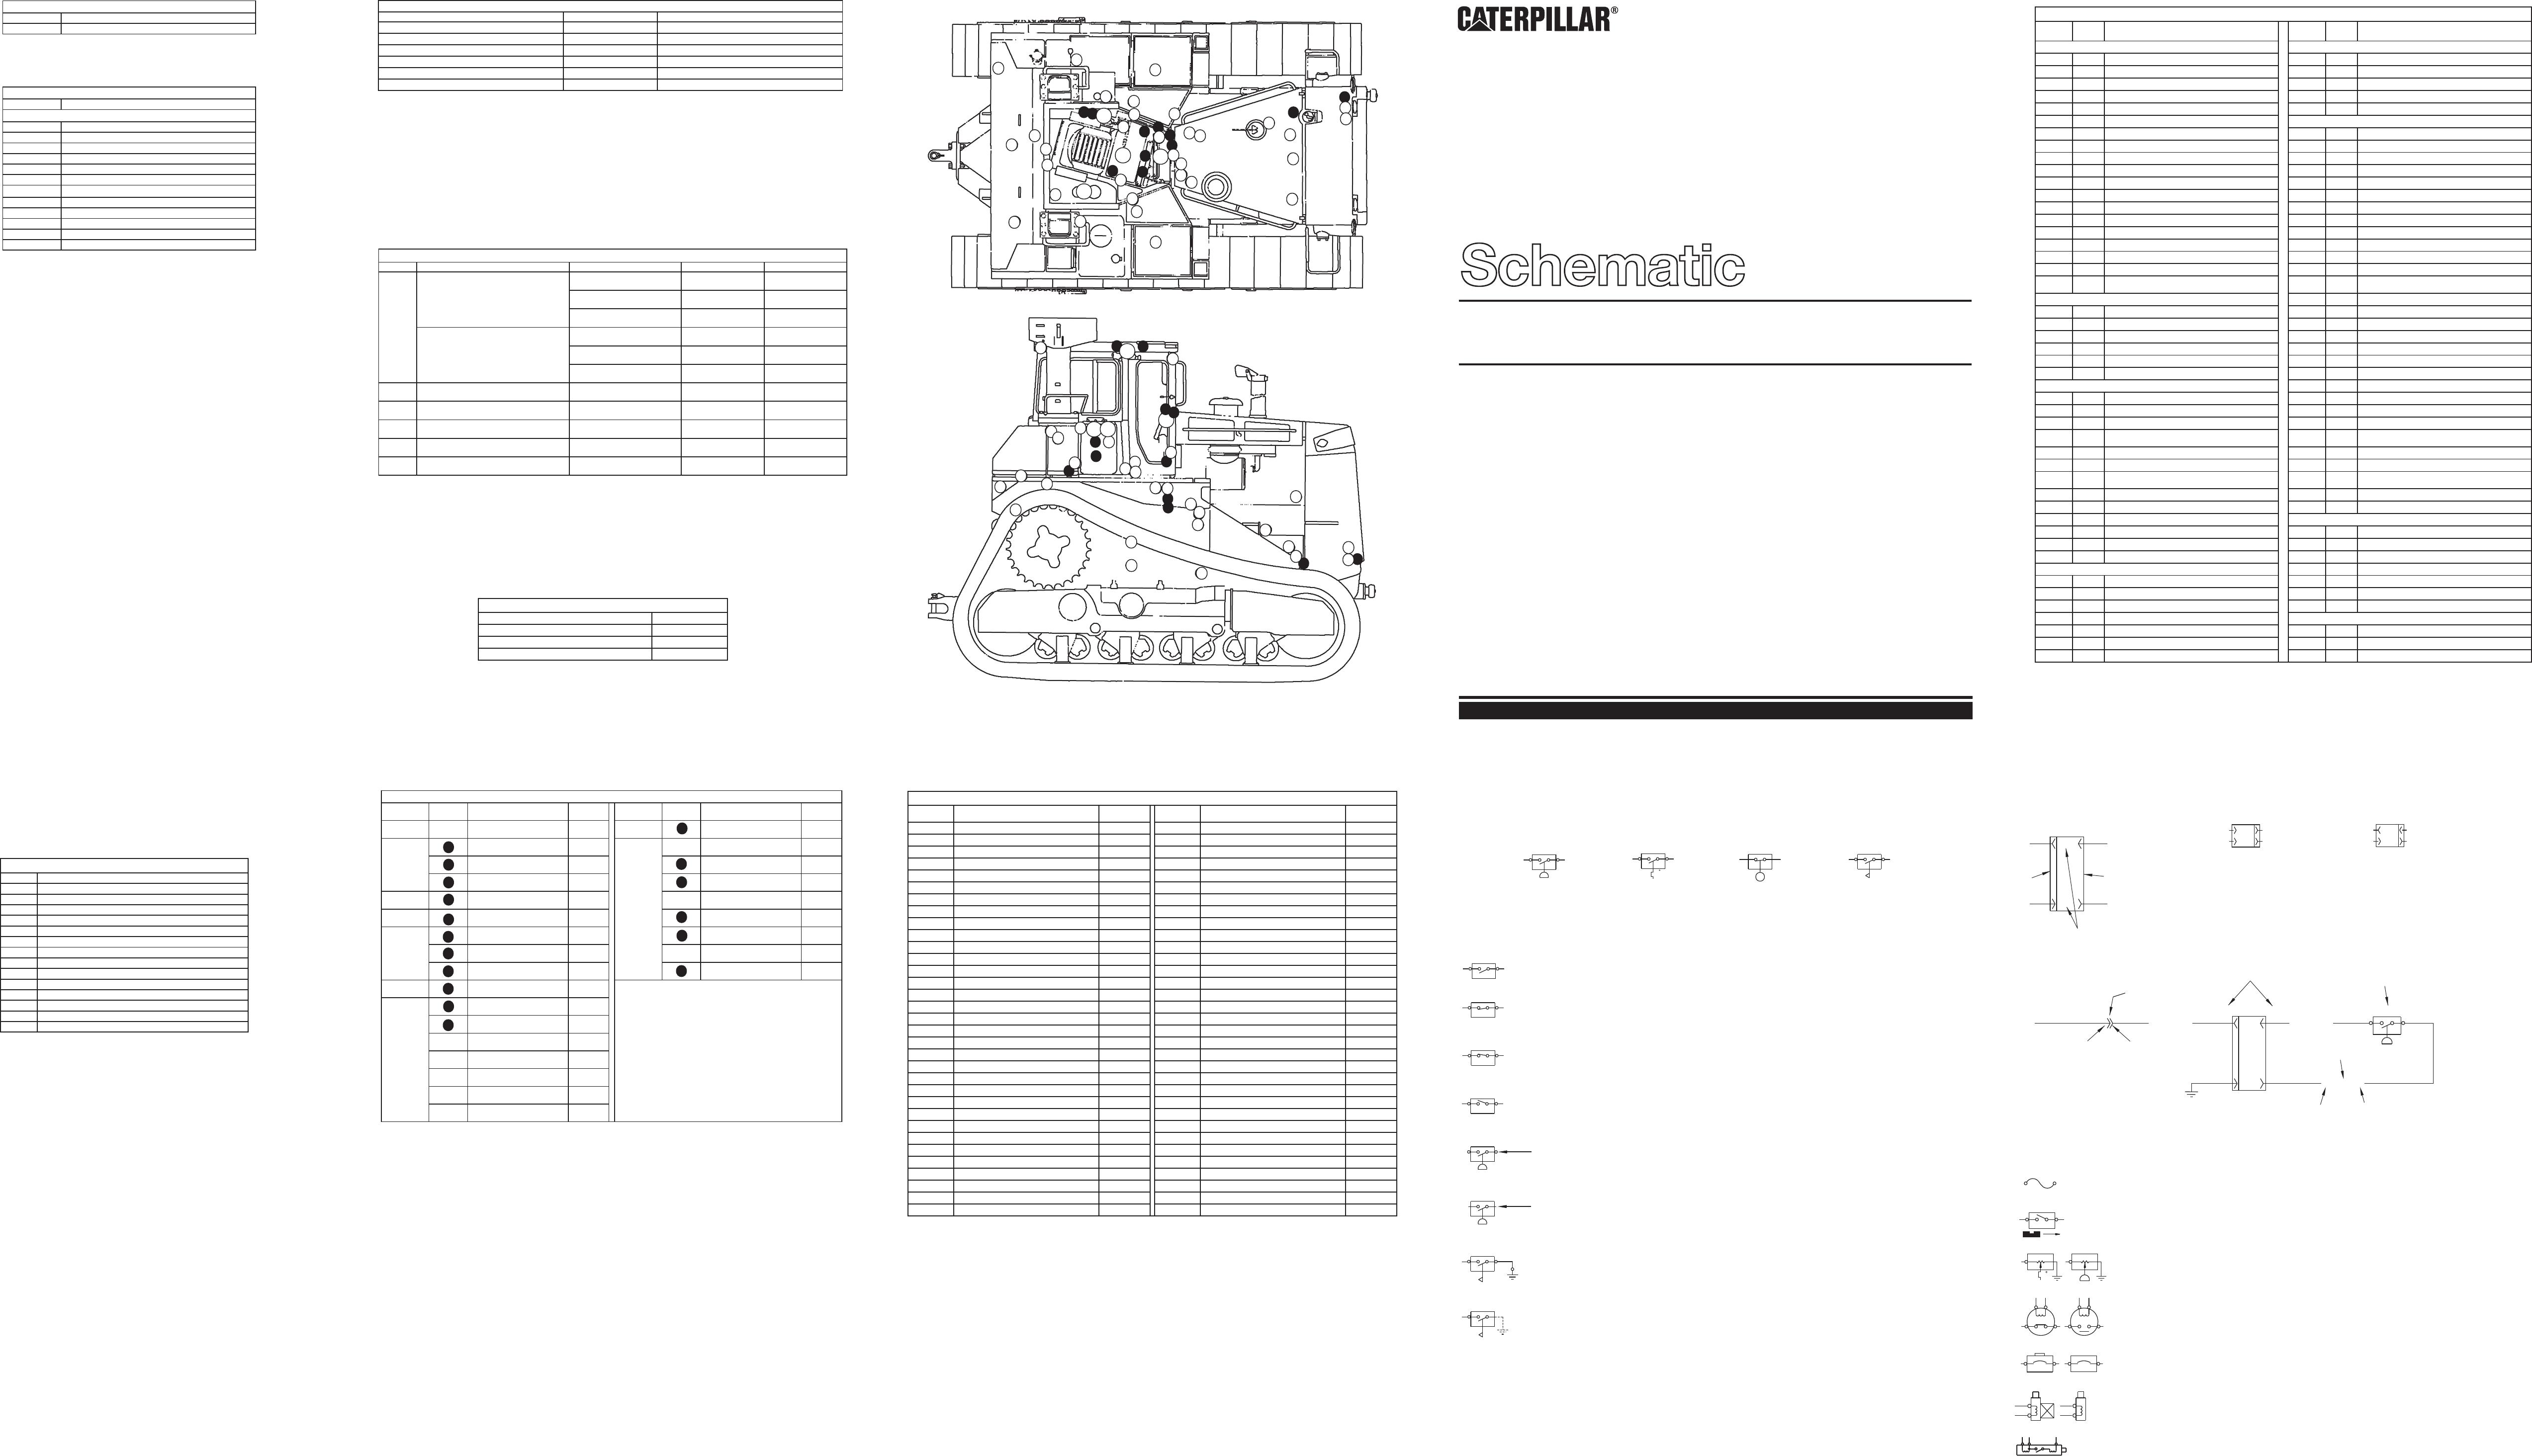 D10N ELECTRICAL SCHEMATIC | CAT Machines Electrical SchematicCAT Machines Electrical Schematic